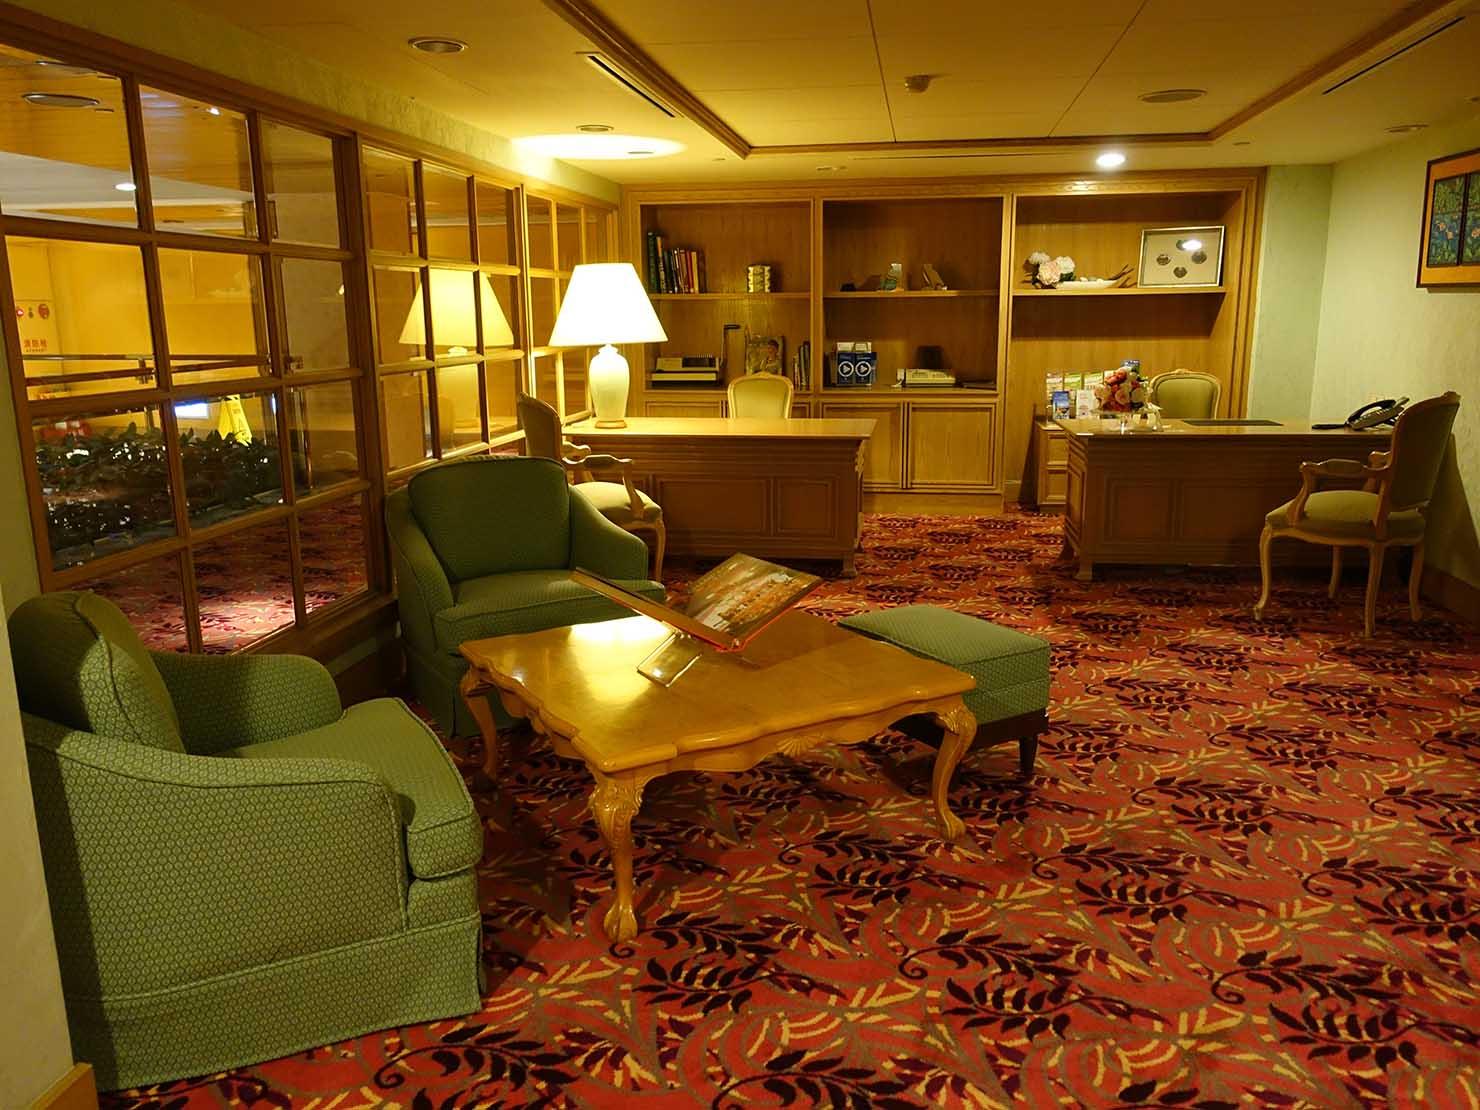 台北のおすすめ4つ星ホテル「歐華酒店(リビエラホテル)」2階のビジネスセンター